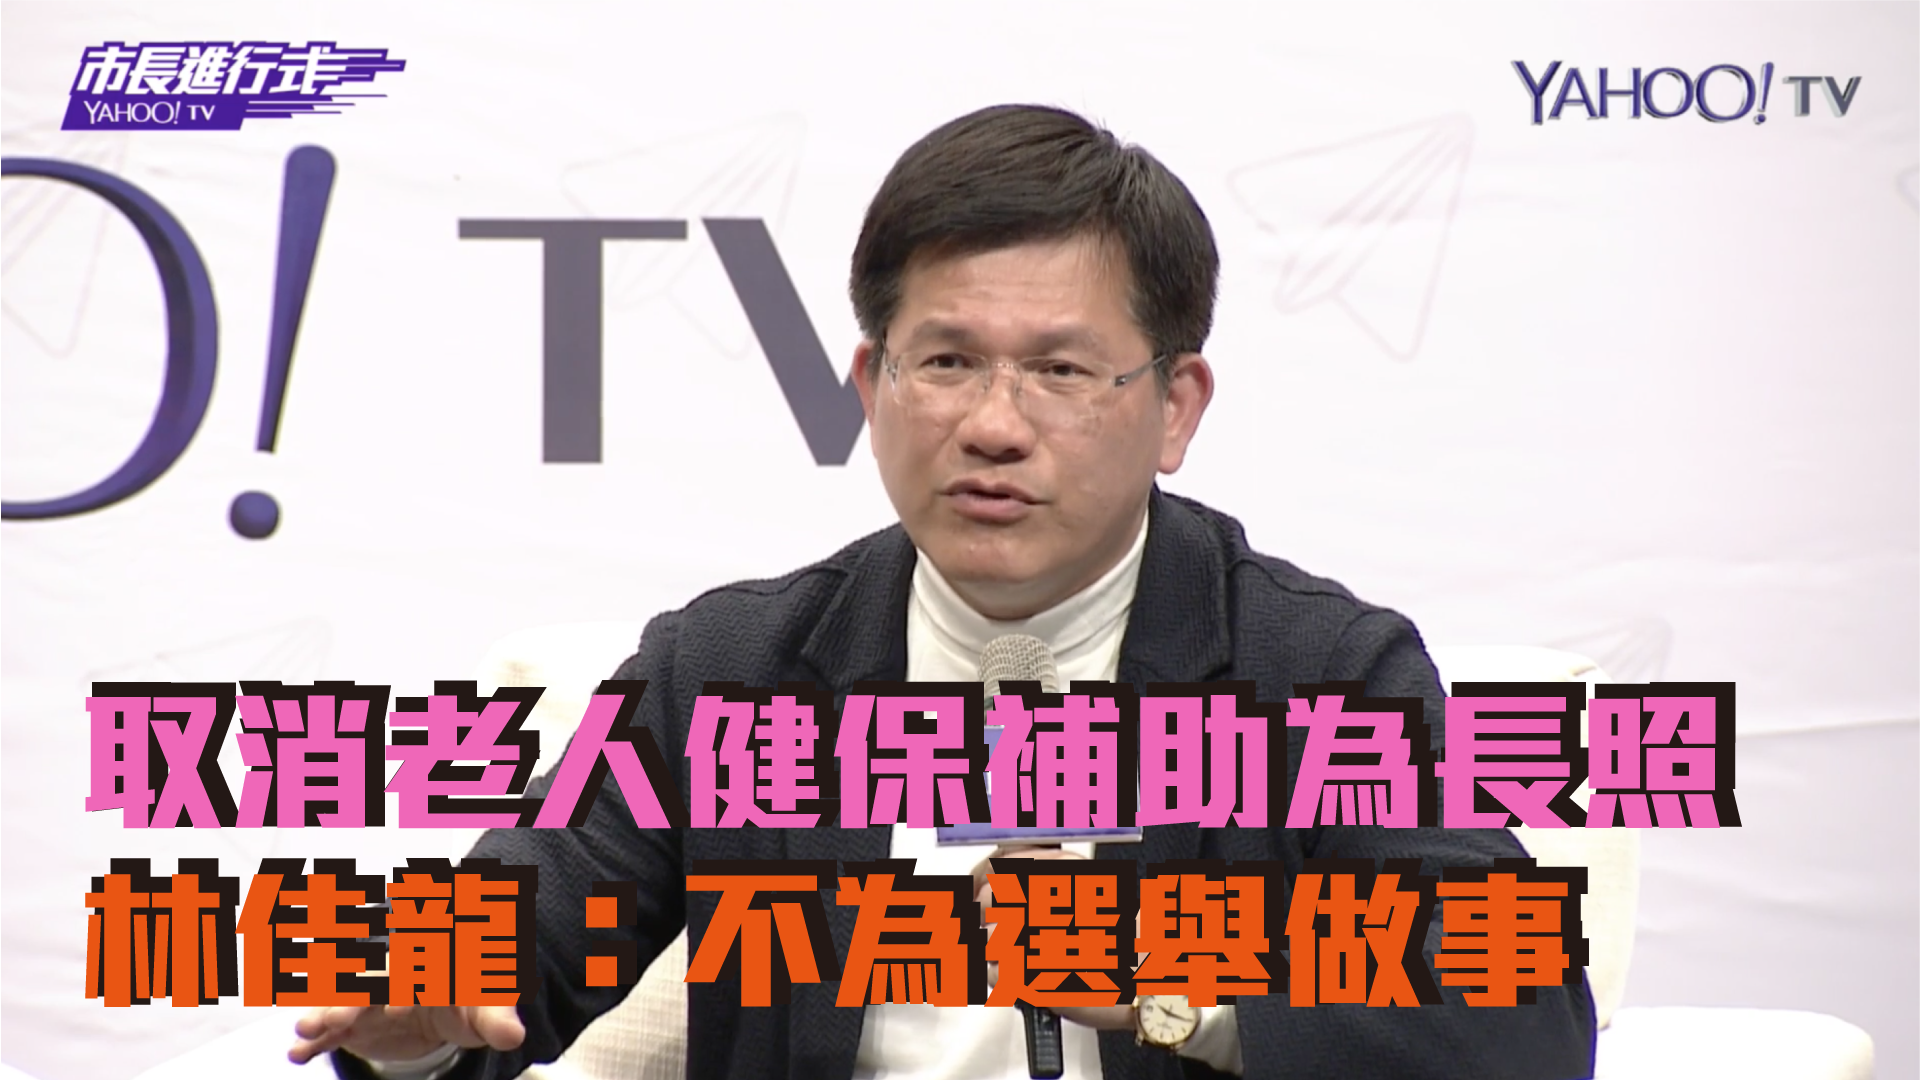 取消老人健保補助為長照 林佳龍:不為選舉做事 (市長進行式 20180129)